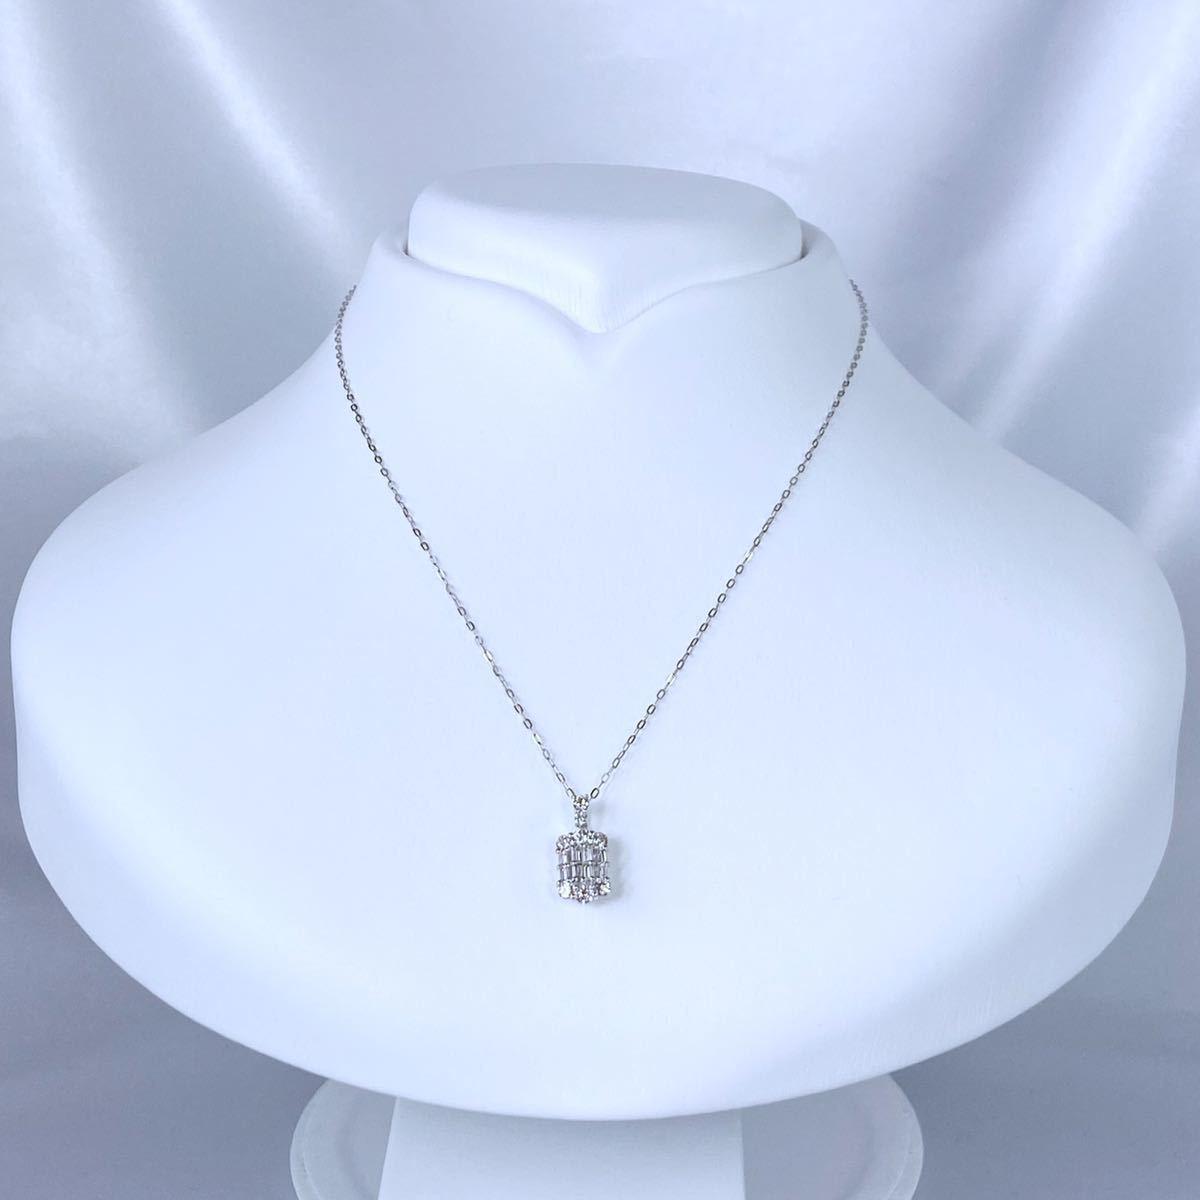 PT850 PT900 天然 ダイヤモンド 0.50ct ダイヤ ネックレス_画像10